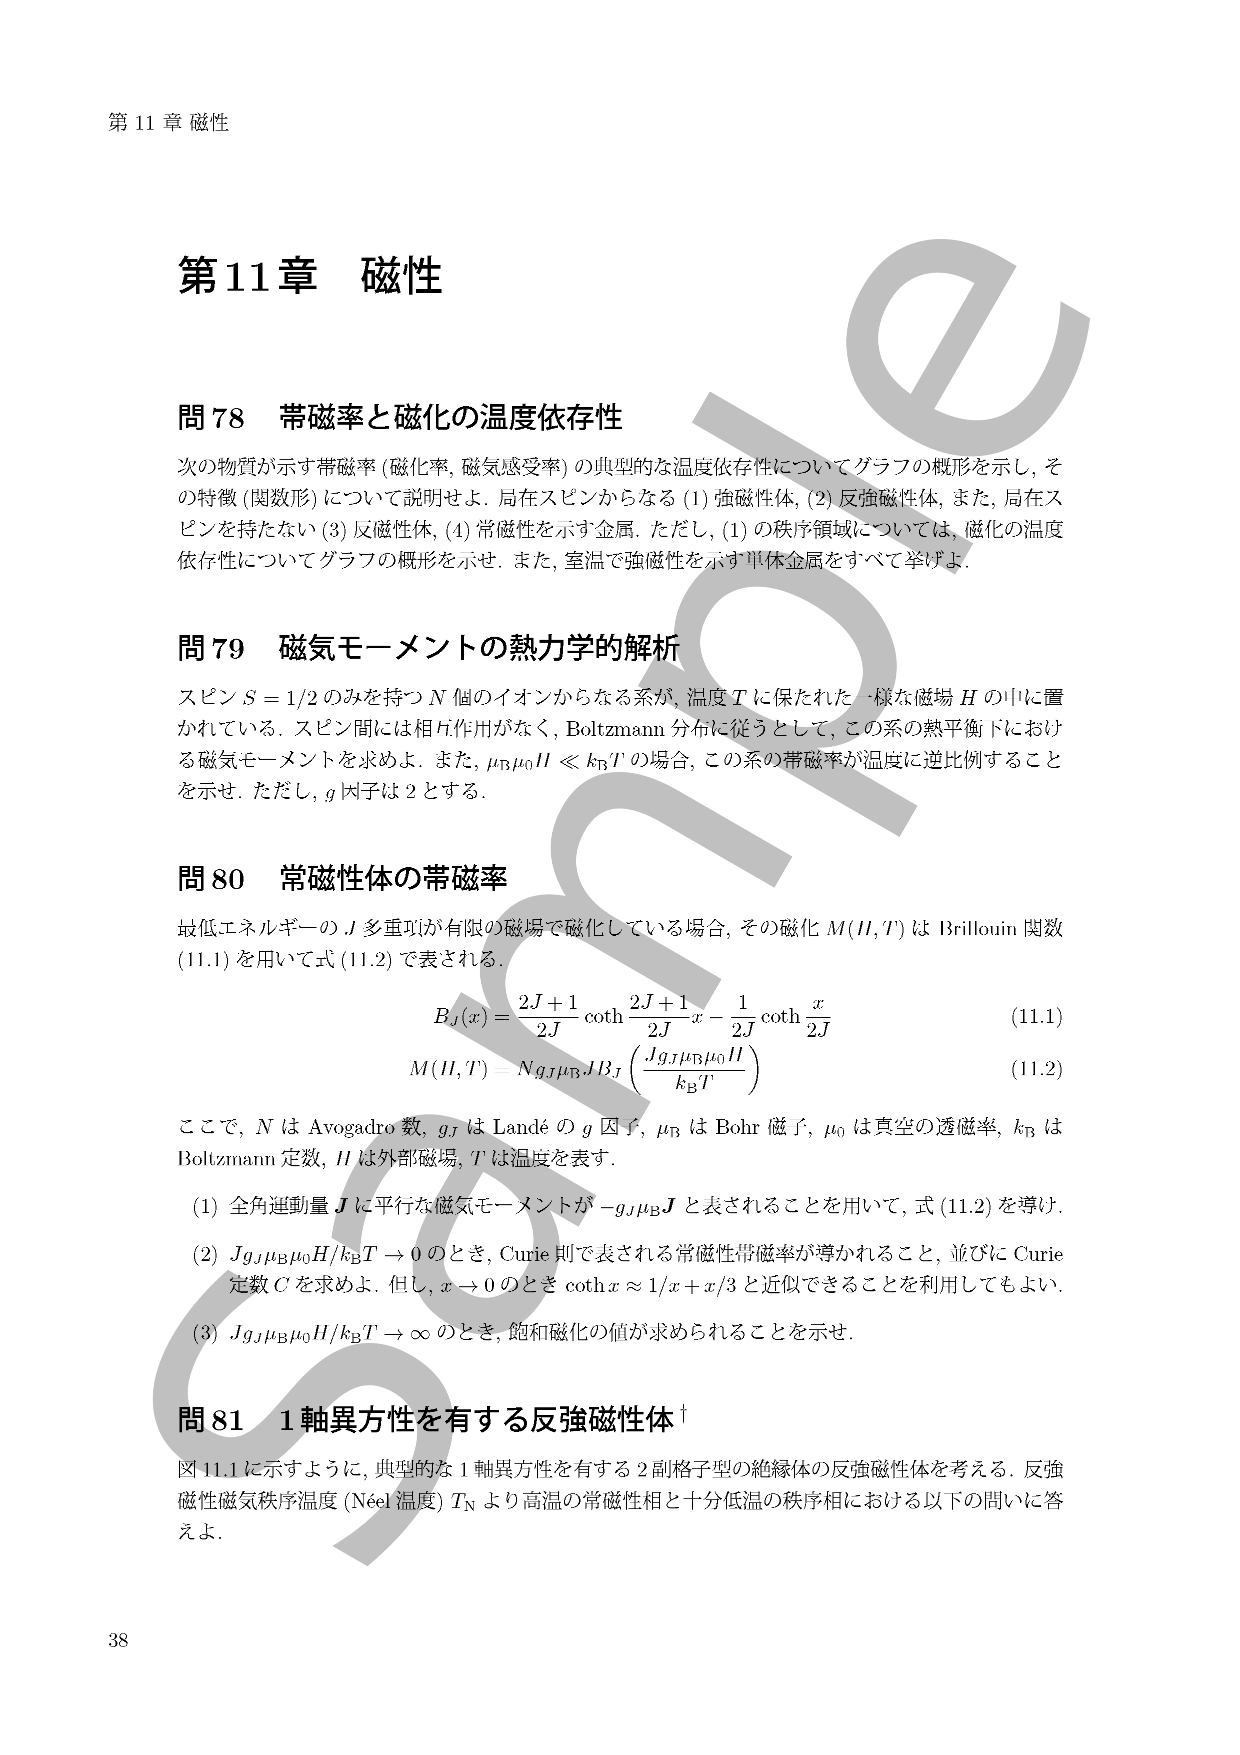 インタラクティブ物質科学カデットプログラム物性物理100問集